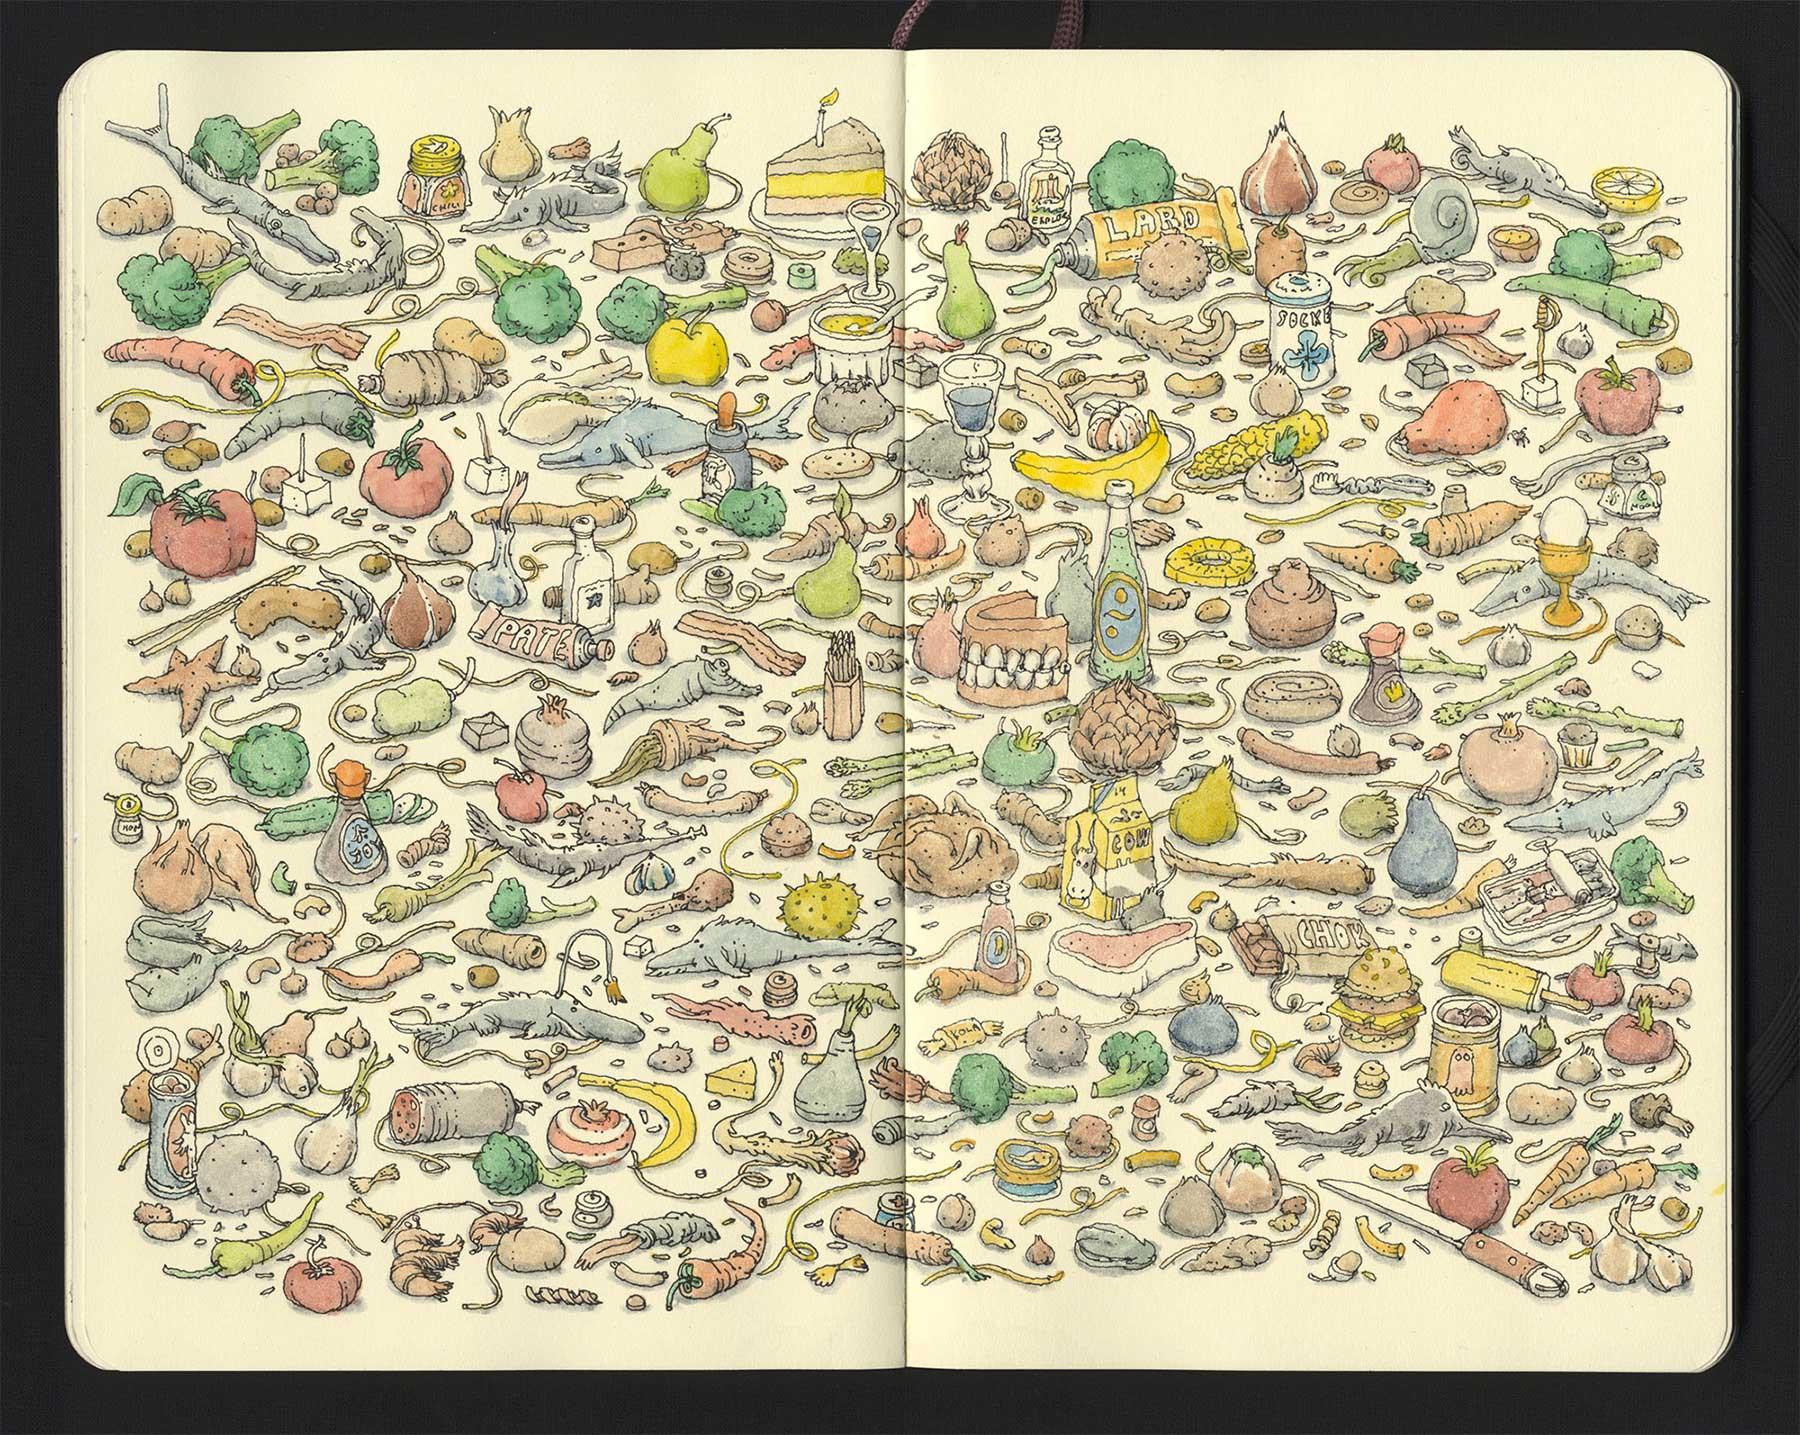 Noch mehr Notizbuchzeichnungen von Mattias Adolfsson